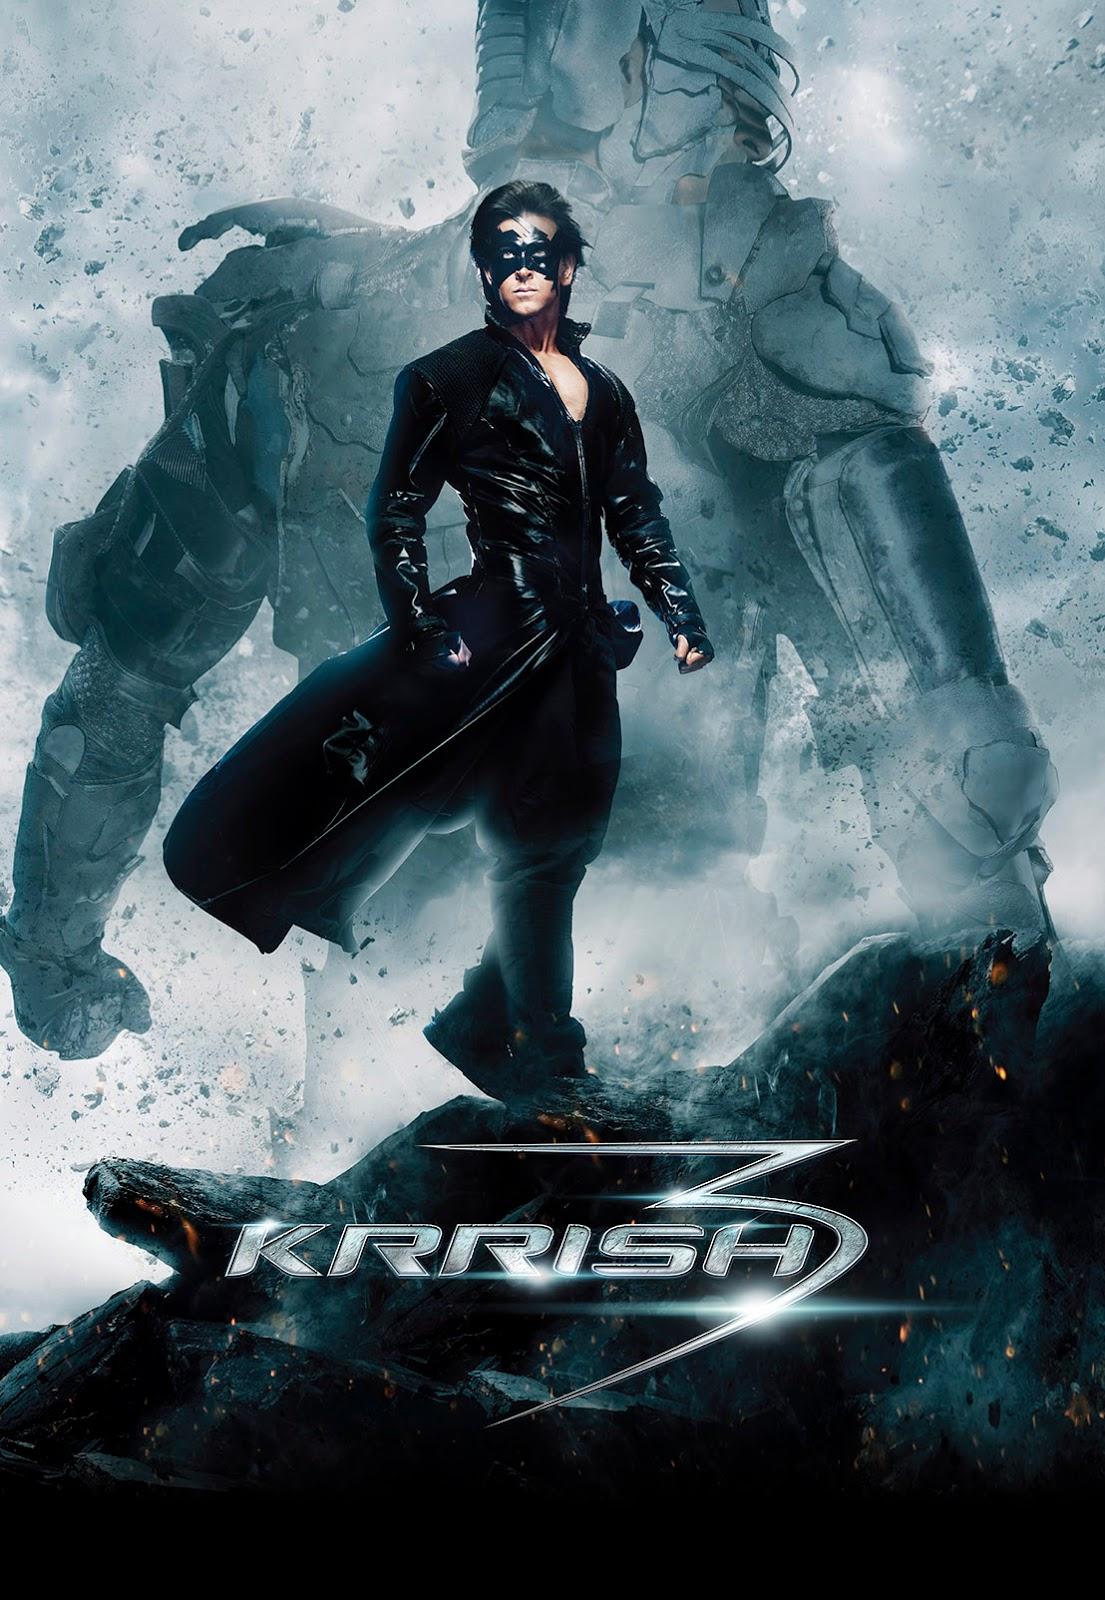 krrish 3 trailer wallpaper - more information - kopihijau